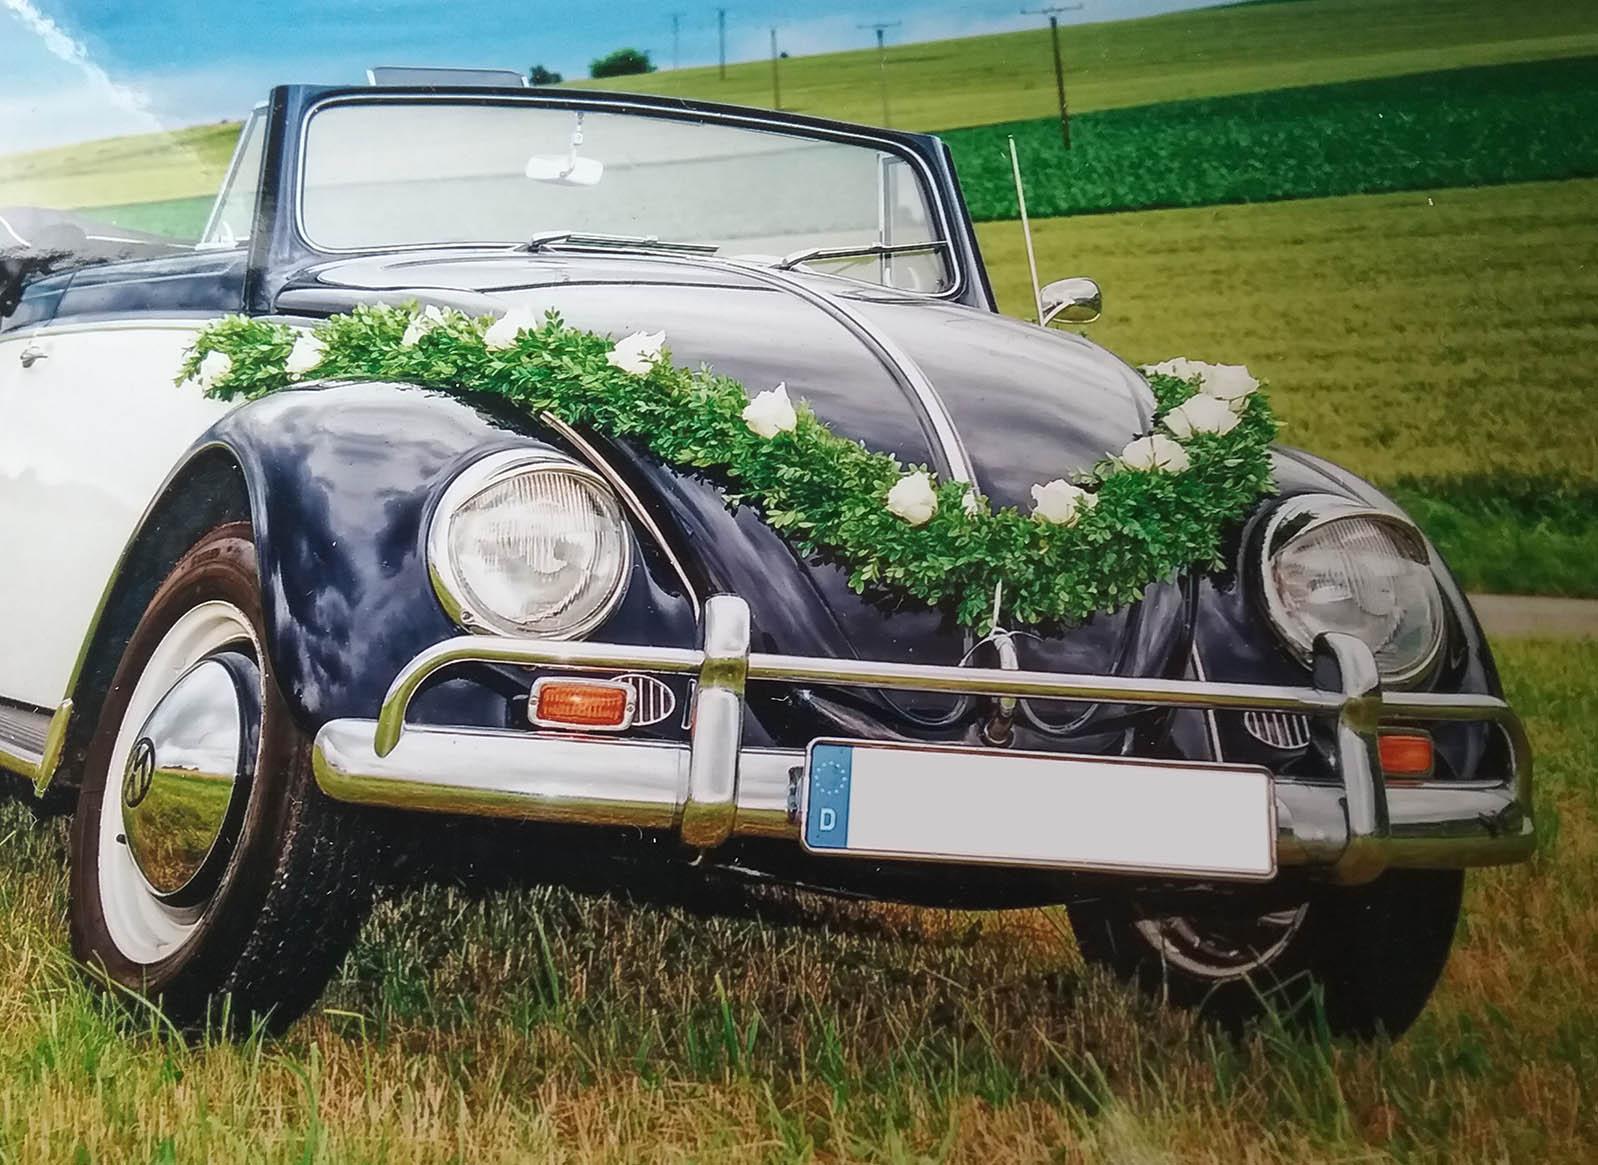 Blumen Schmitt Neuenrade 40